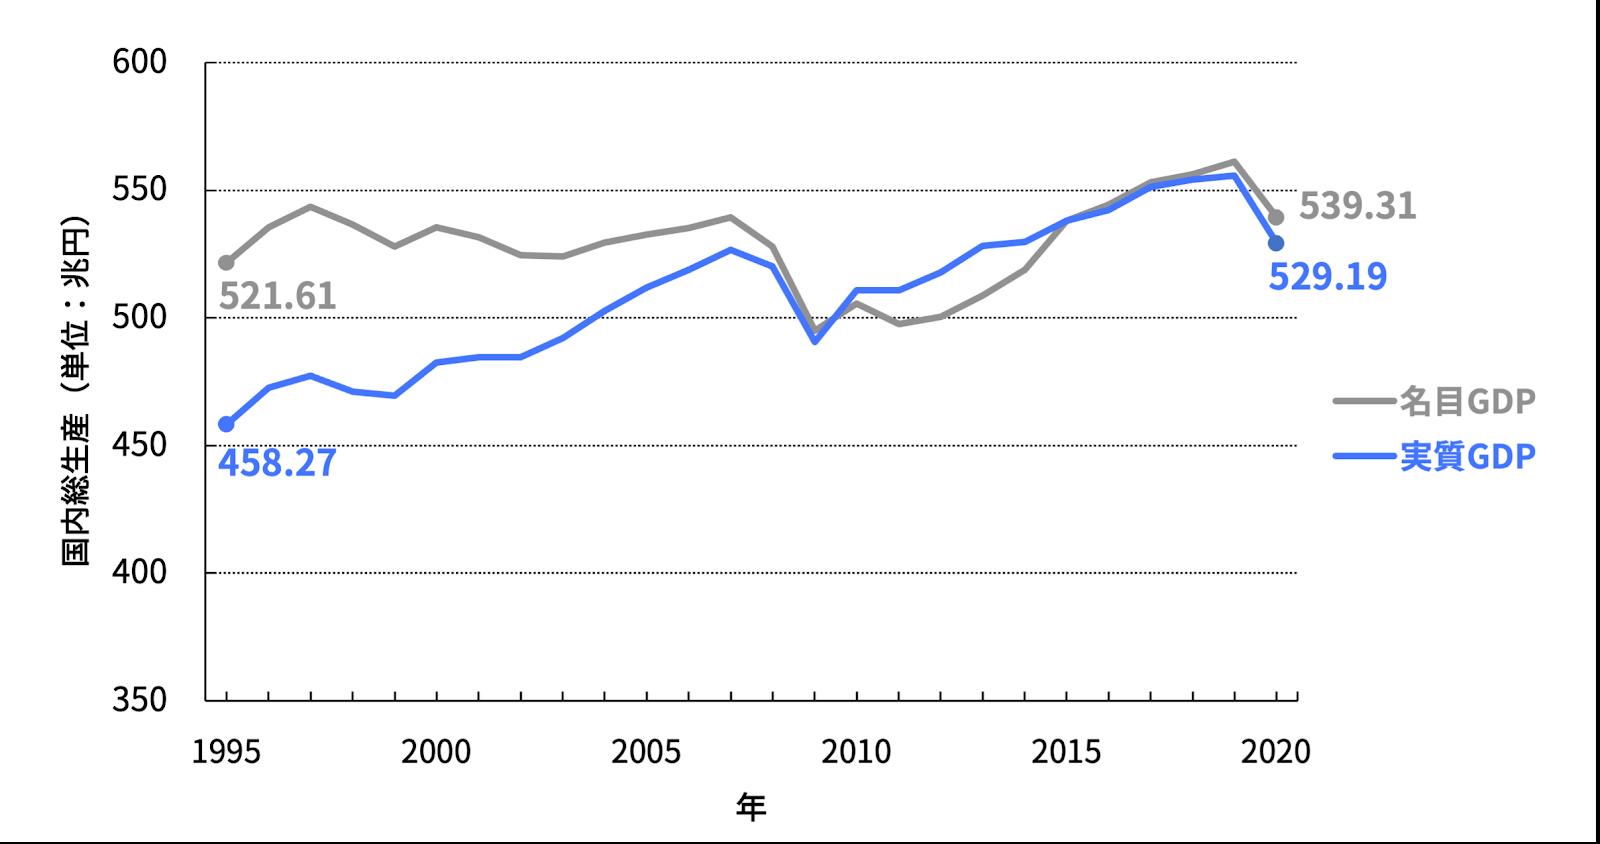 図1 日本の名目GDPと実質GDPの推移(1995年から2020年) [出所:内閣府「国民経済計算(GDP統計)」を元に筆者作成]